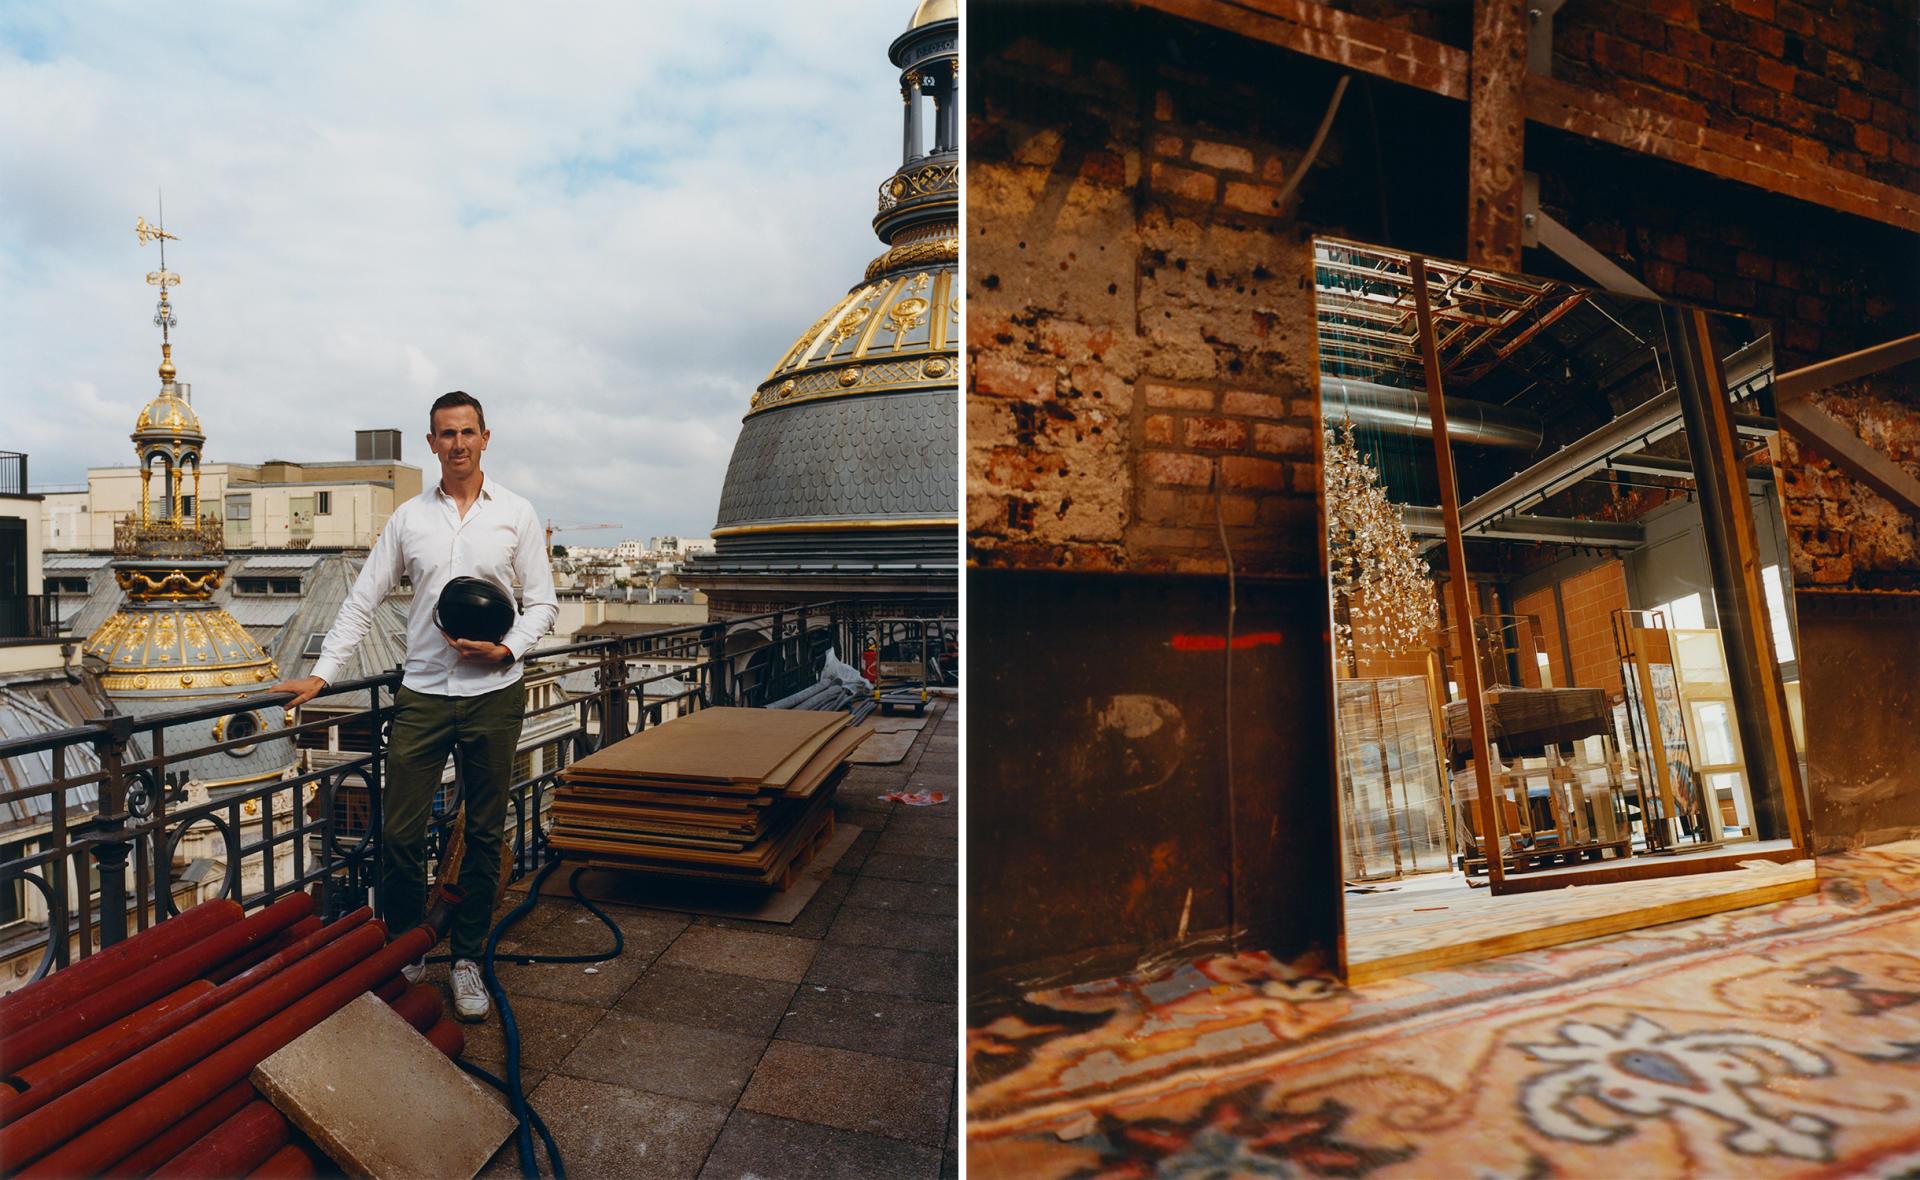 A gauche, Ion Metulesco,directeur architecture, ingénierie et maintenance du Printemps,sur la terrasse panoramique. A droite, le Pont d'argent et sa moquettedont les motifs fleuris et bleutés ont été revisités par l'artiste Romain Froquet.